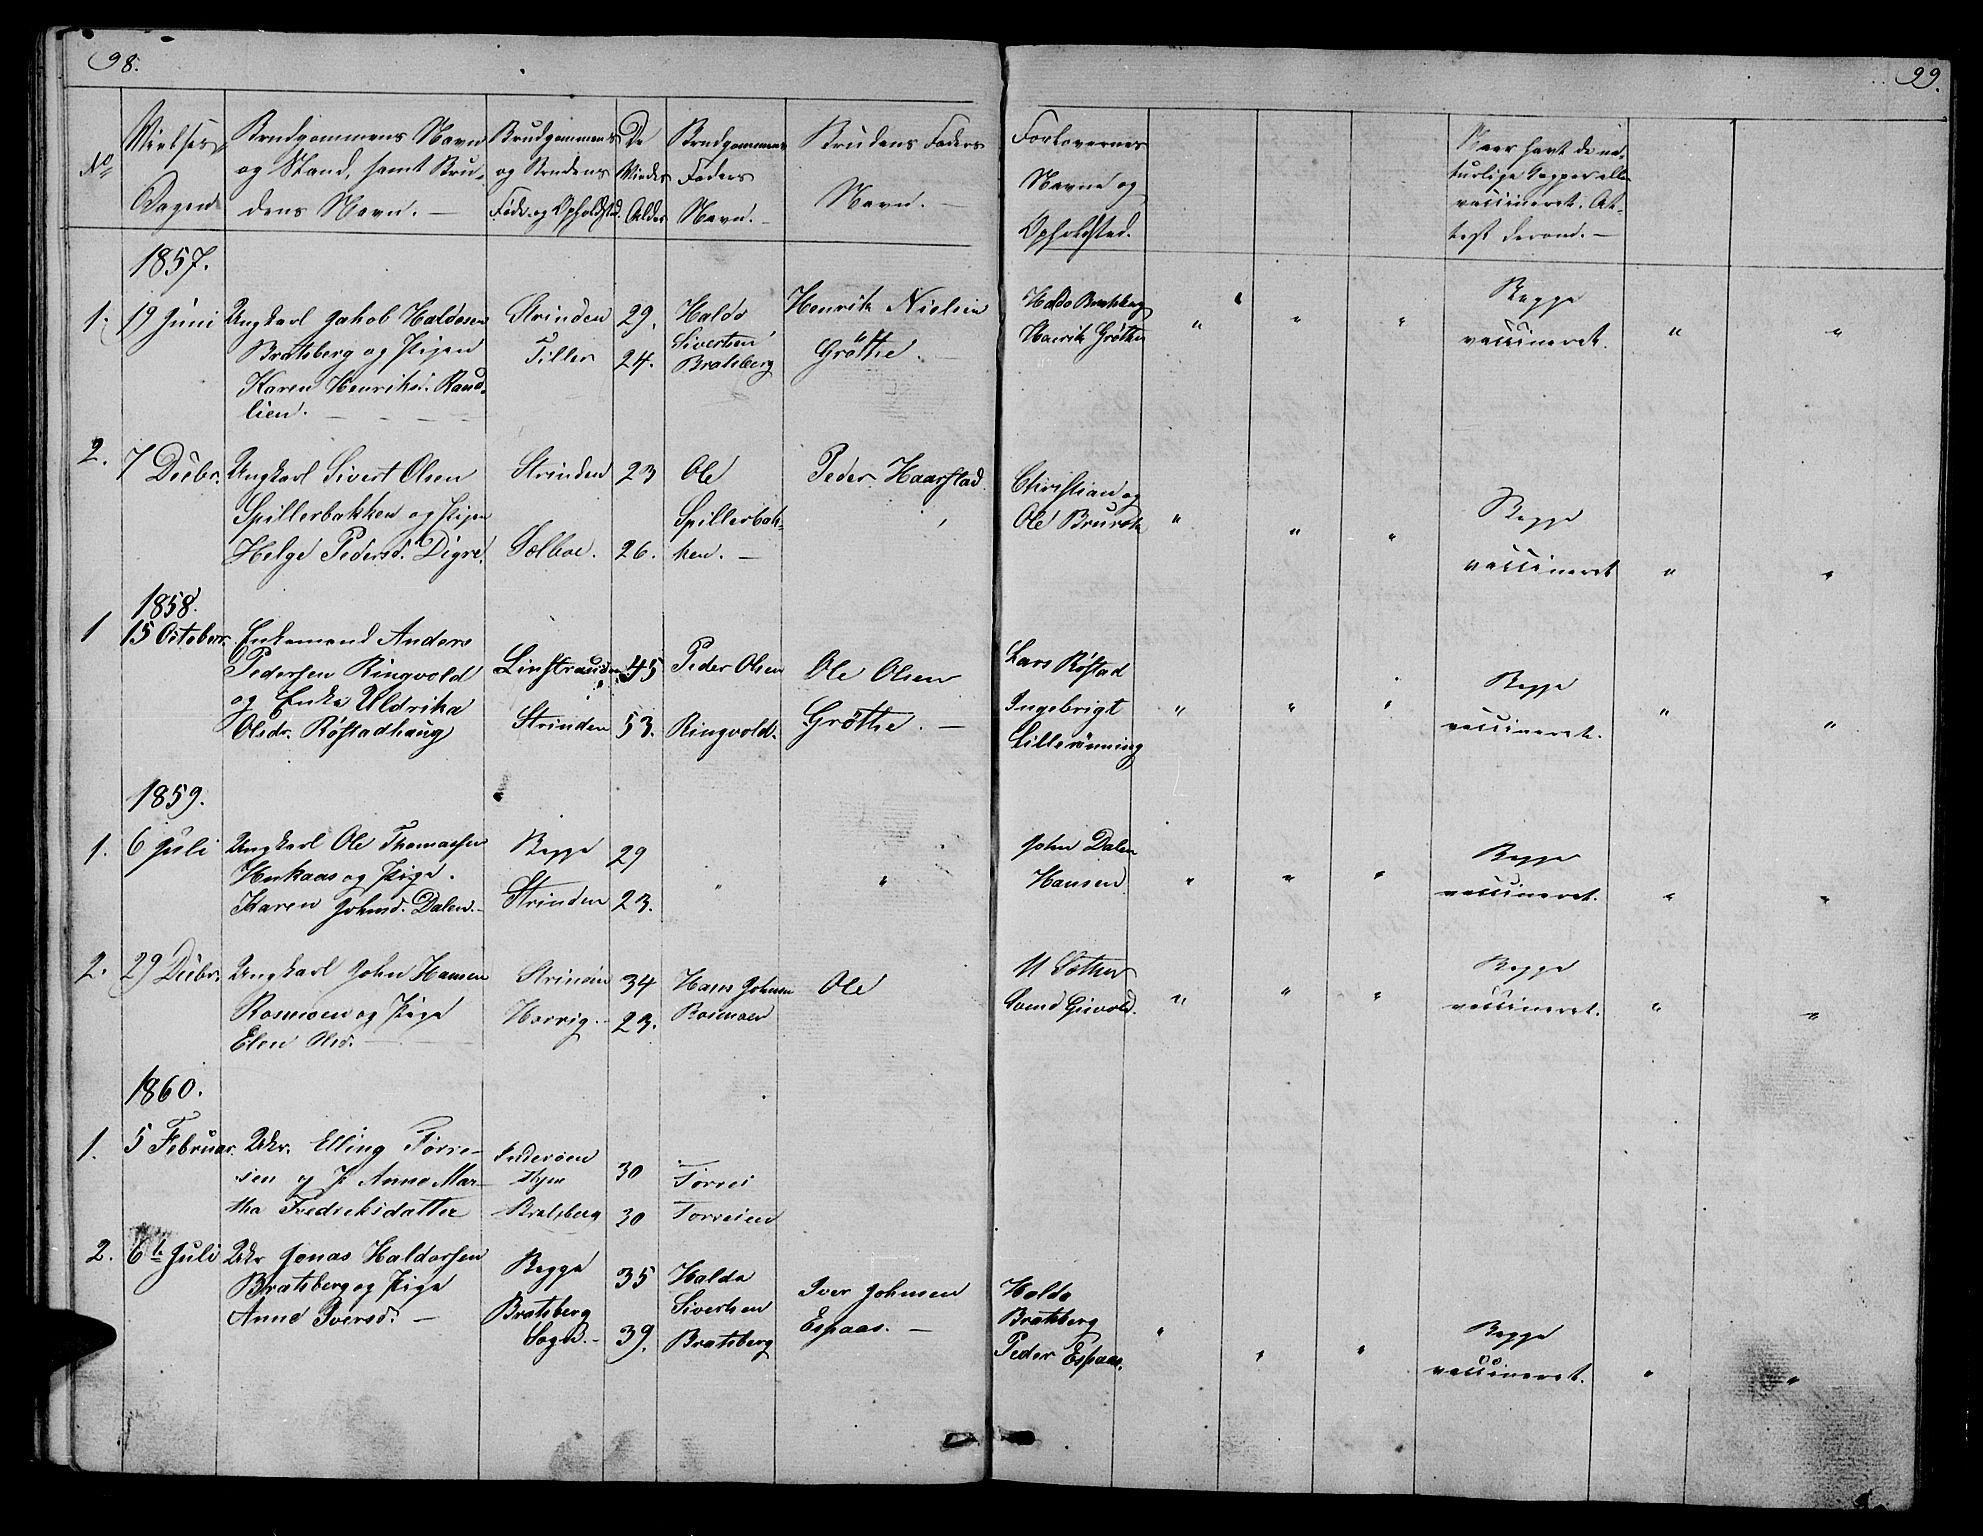 SAT, Ministerialprotokoller, klokkerbøker og fødselsregistre - Sør-Trøndelag, 608/L0339: Klokkerbok nr. 608C05, 1844-1863, s. 98-99